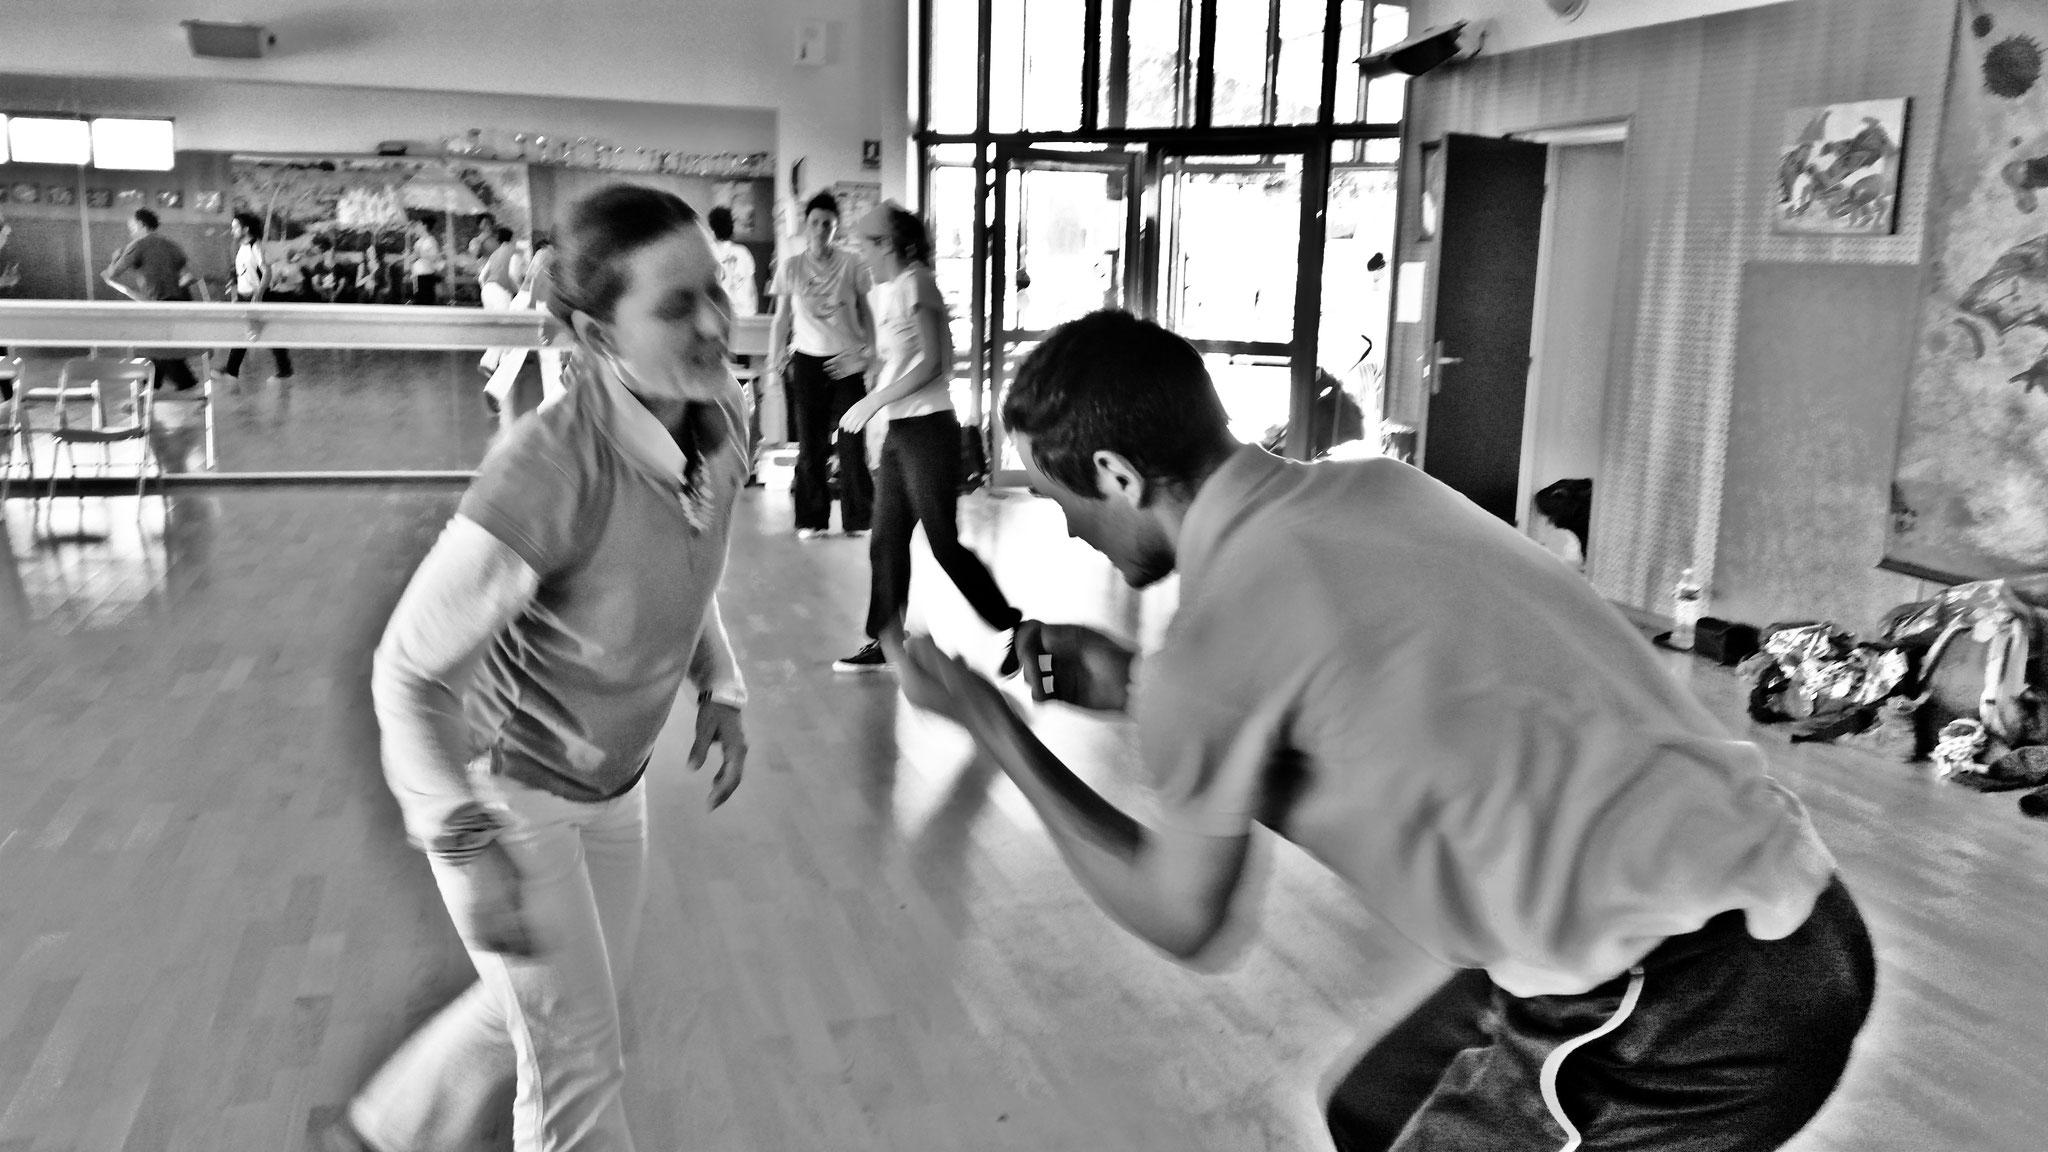 CECA - Bincadeira de angola 2 - capoeira angola 15